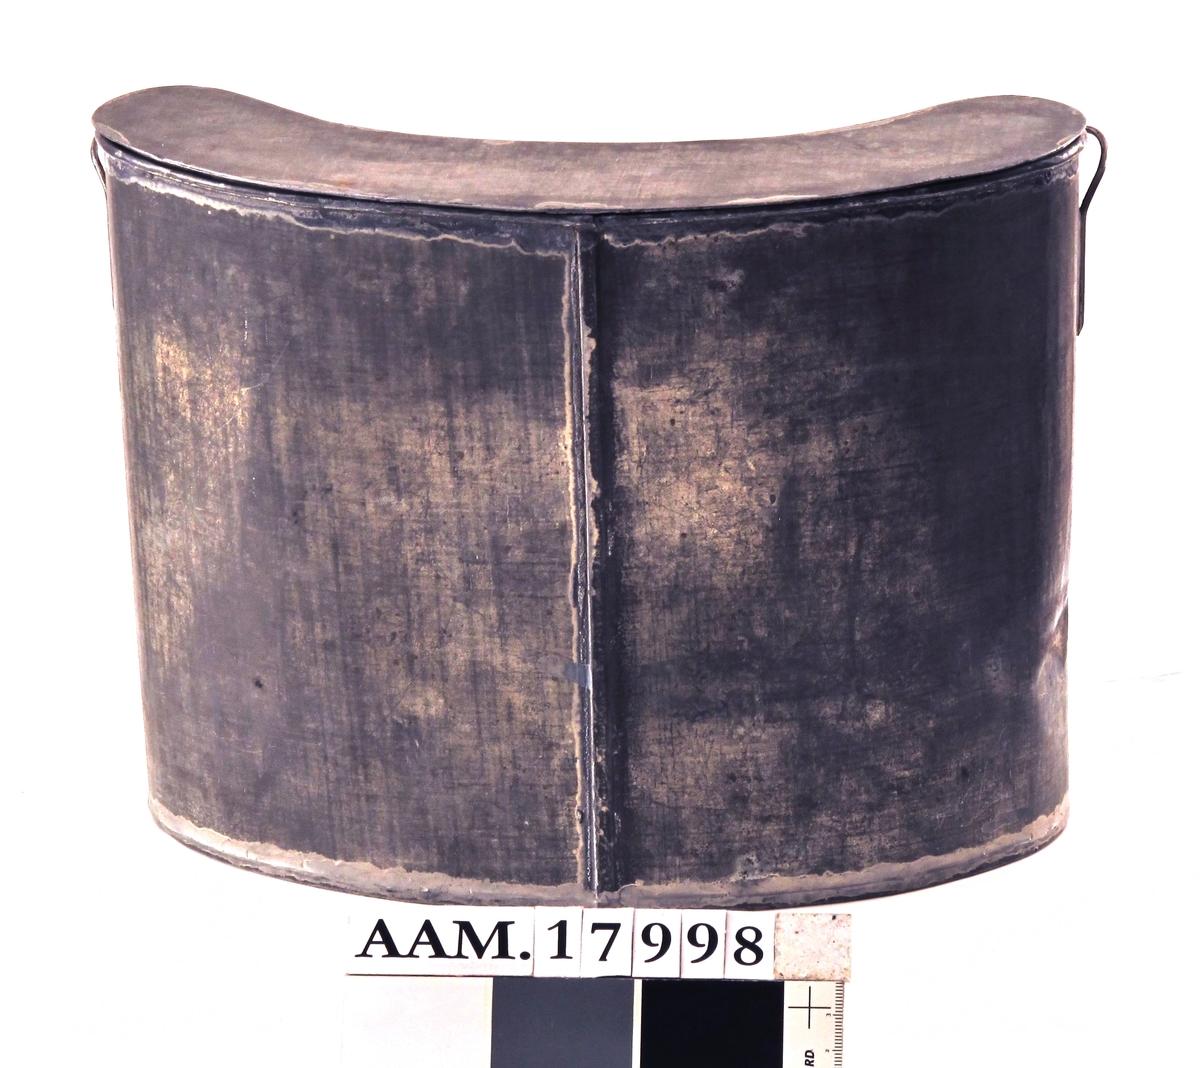 Melkebeholder, fra krigen 1940-45.  Blikk, fortinnet.  Smal, høy, buet beholder til melk,  beregnet på å feste med  stropp av tøy rundt halsen og holdt fast  under sidebena med et belte, under klærne.  Laget av ett stykke, med en skjøt midt på  yttersiden. En liten hank i hvert side,  flatt lokk til å sette ned i.